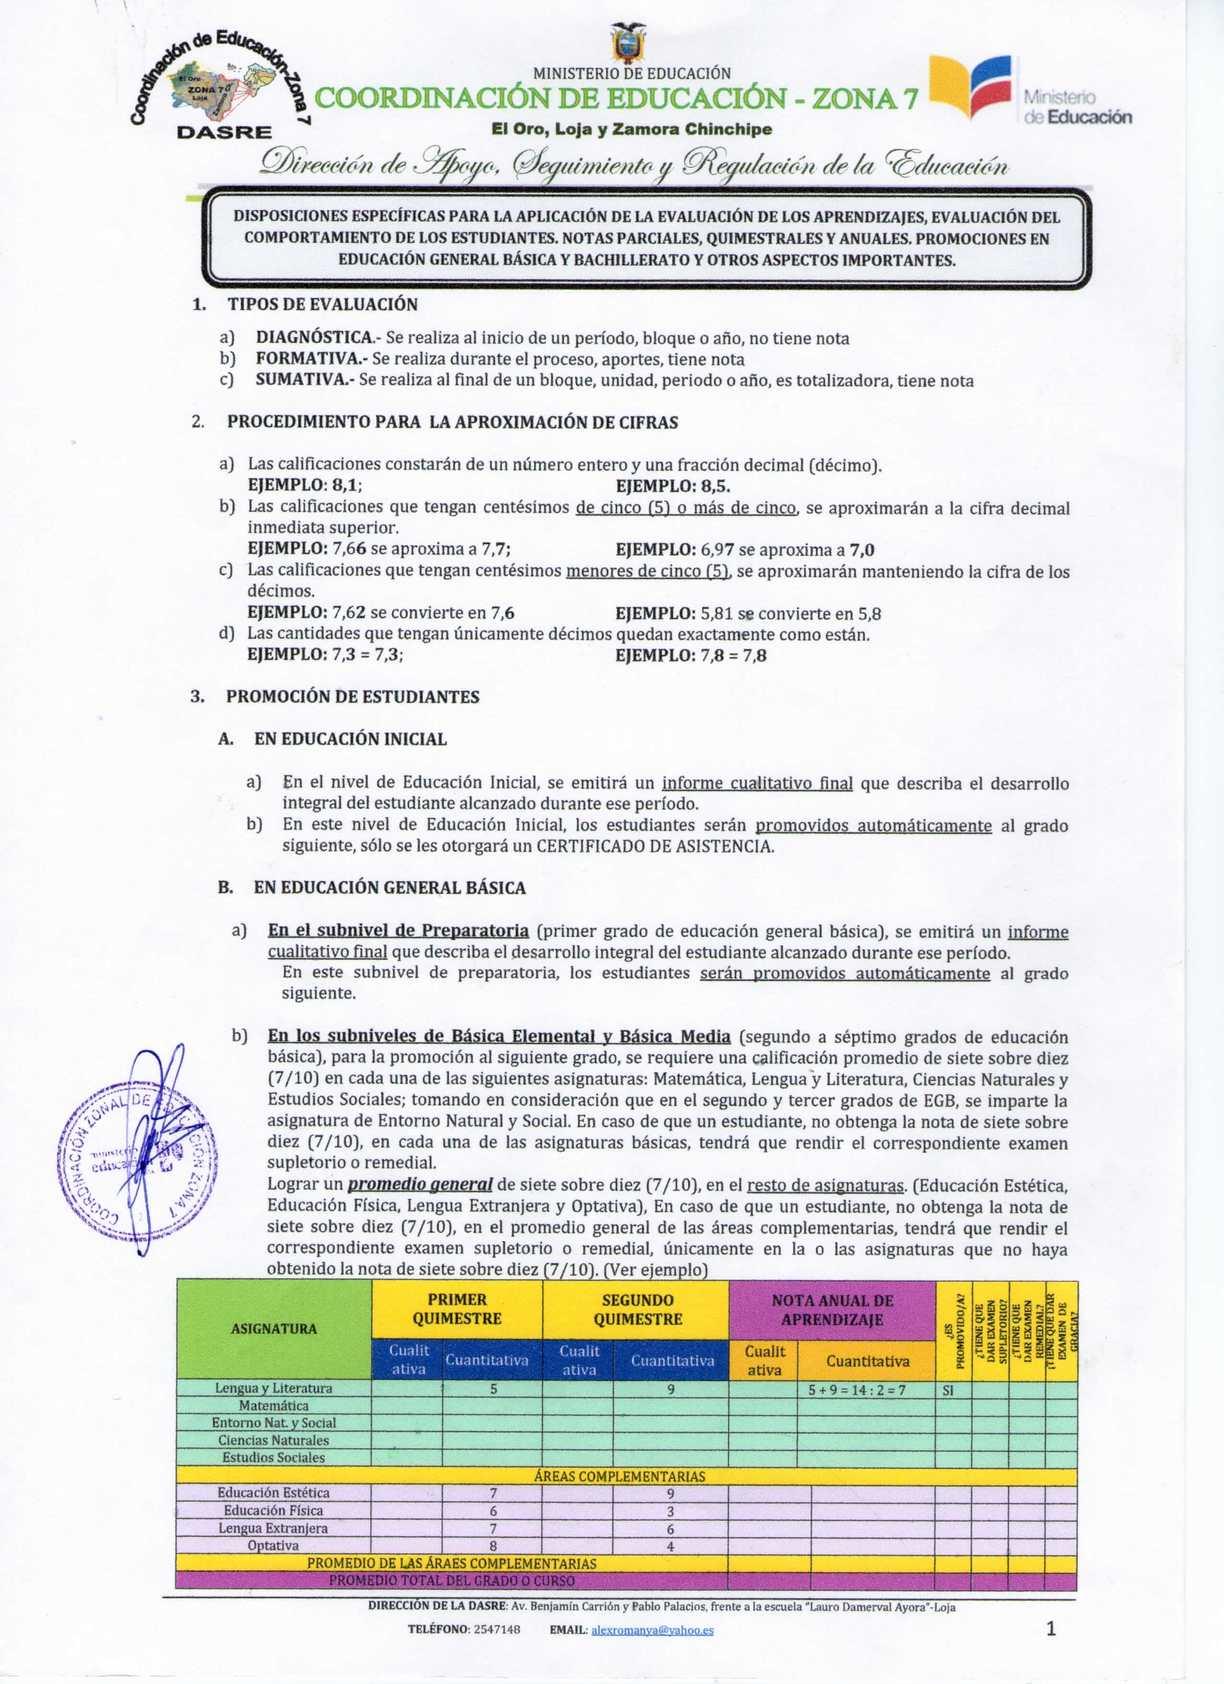 Instructivo de evaluacion quimestral.